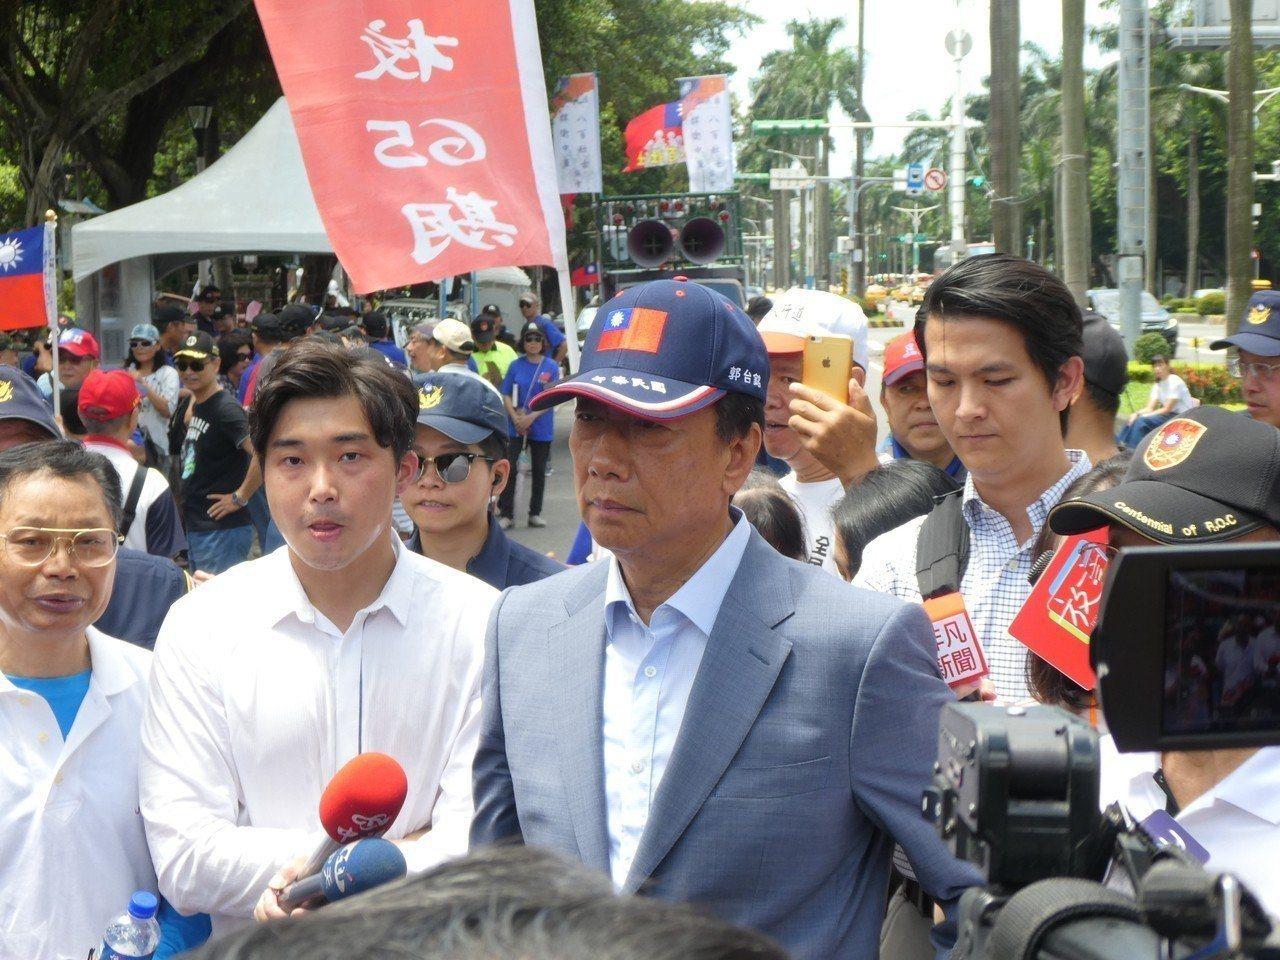 參加總統初選後,郭台銘換上淺色西裝外套,也特地戴上國旗帽。 圖/聯合報系資料照片